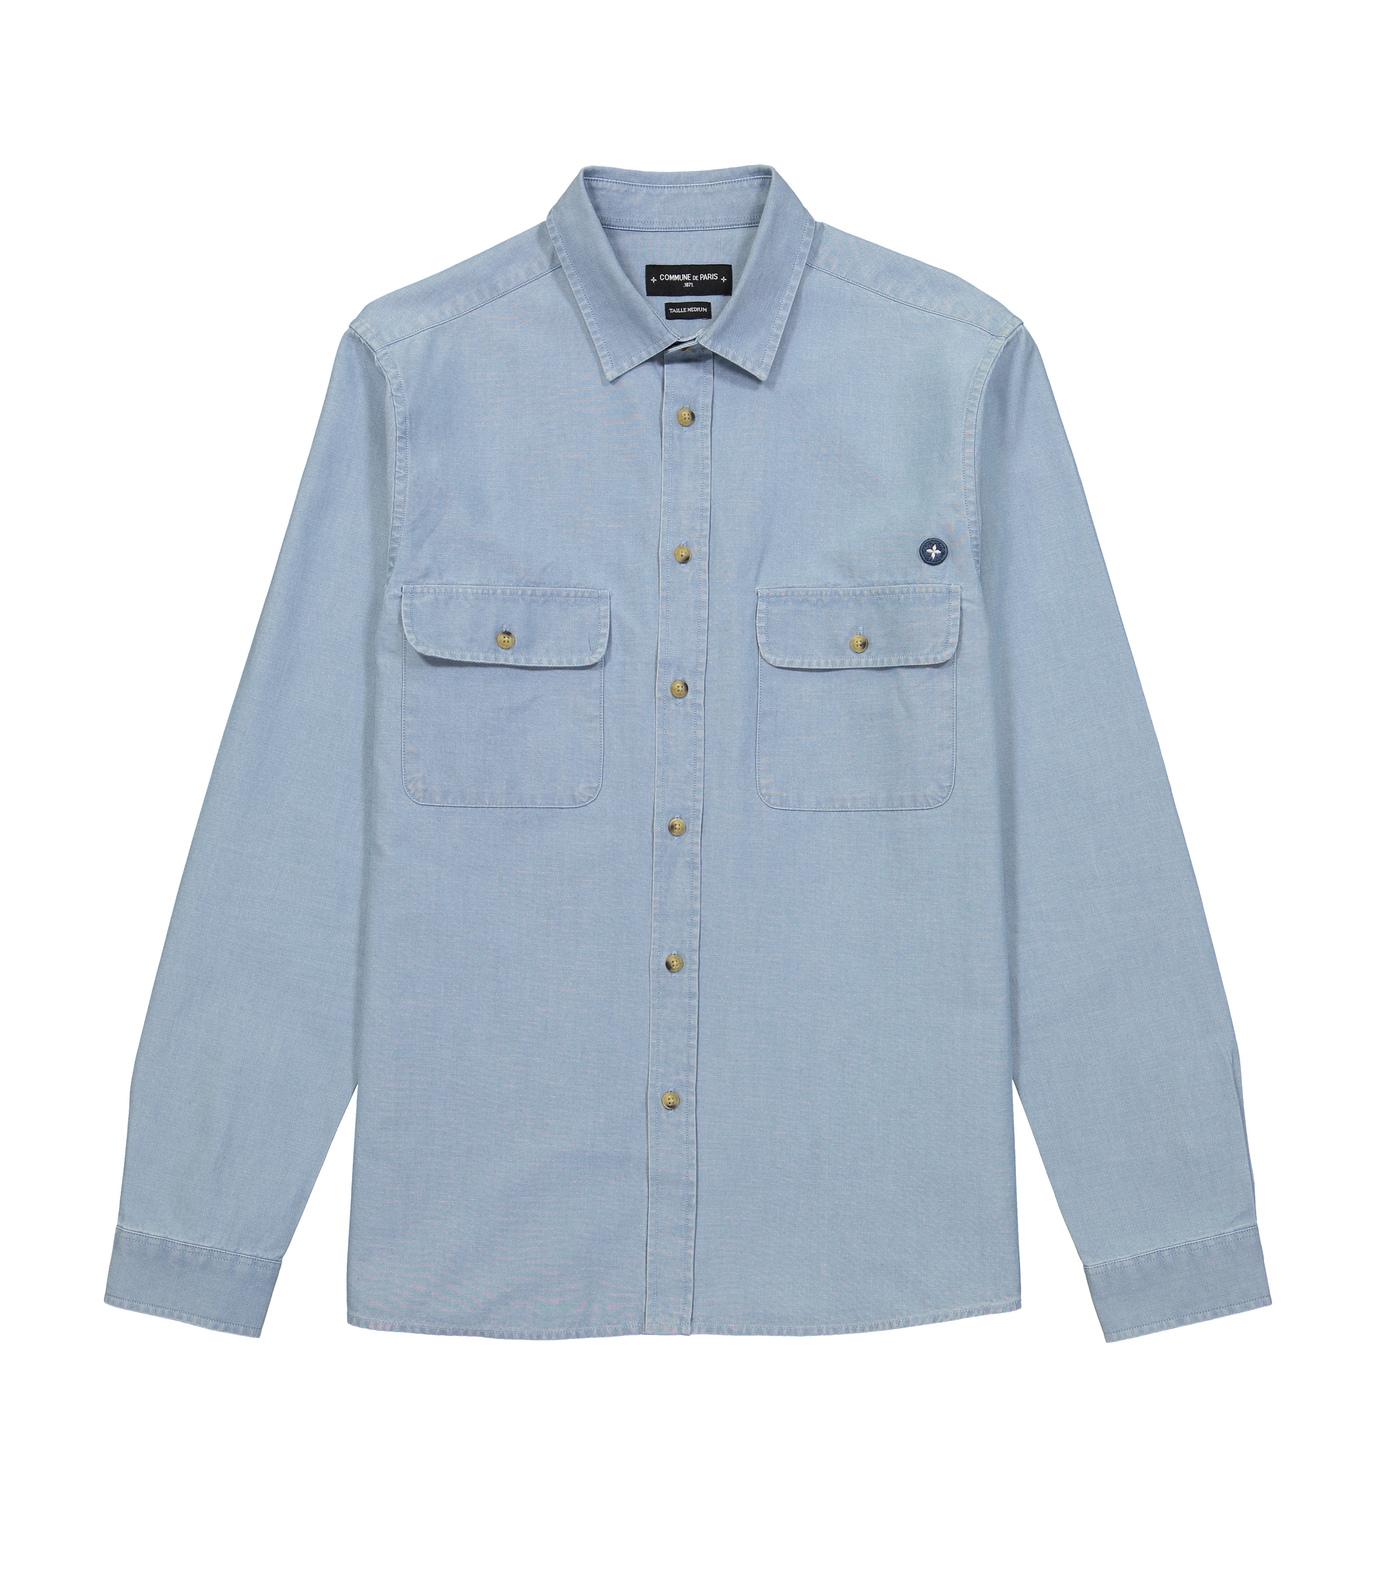 Looking For Cheap Online How Much DENIM - Denim shirts Commune de Paris Online Visa Payment Cheap Wholesale 3R8Uc